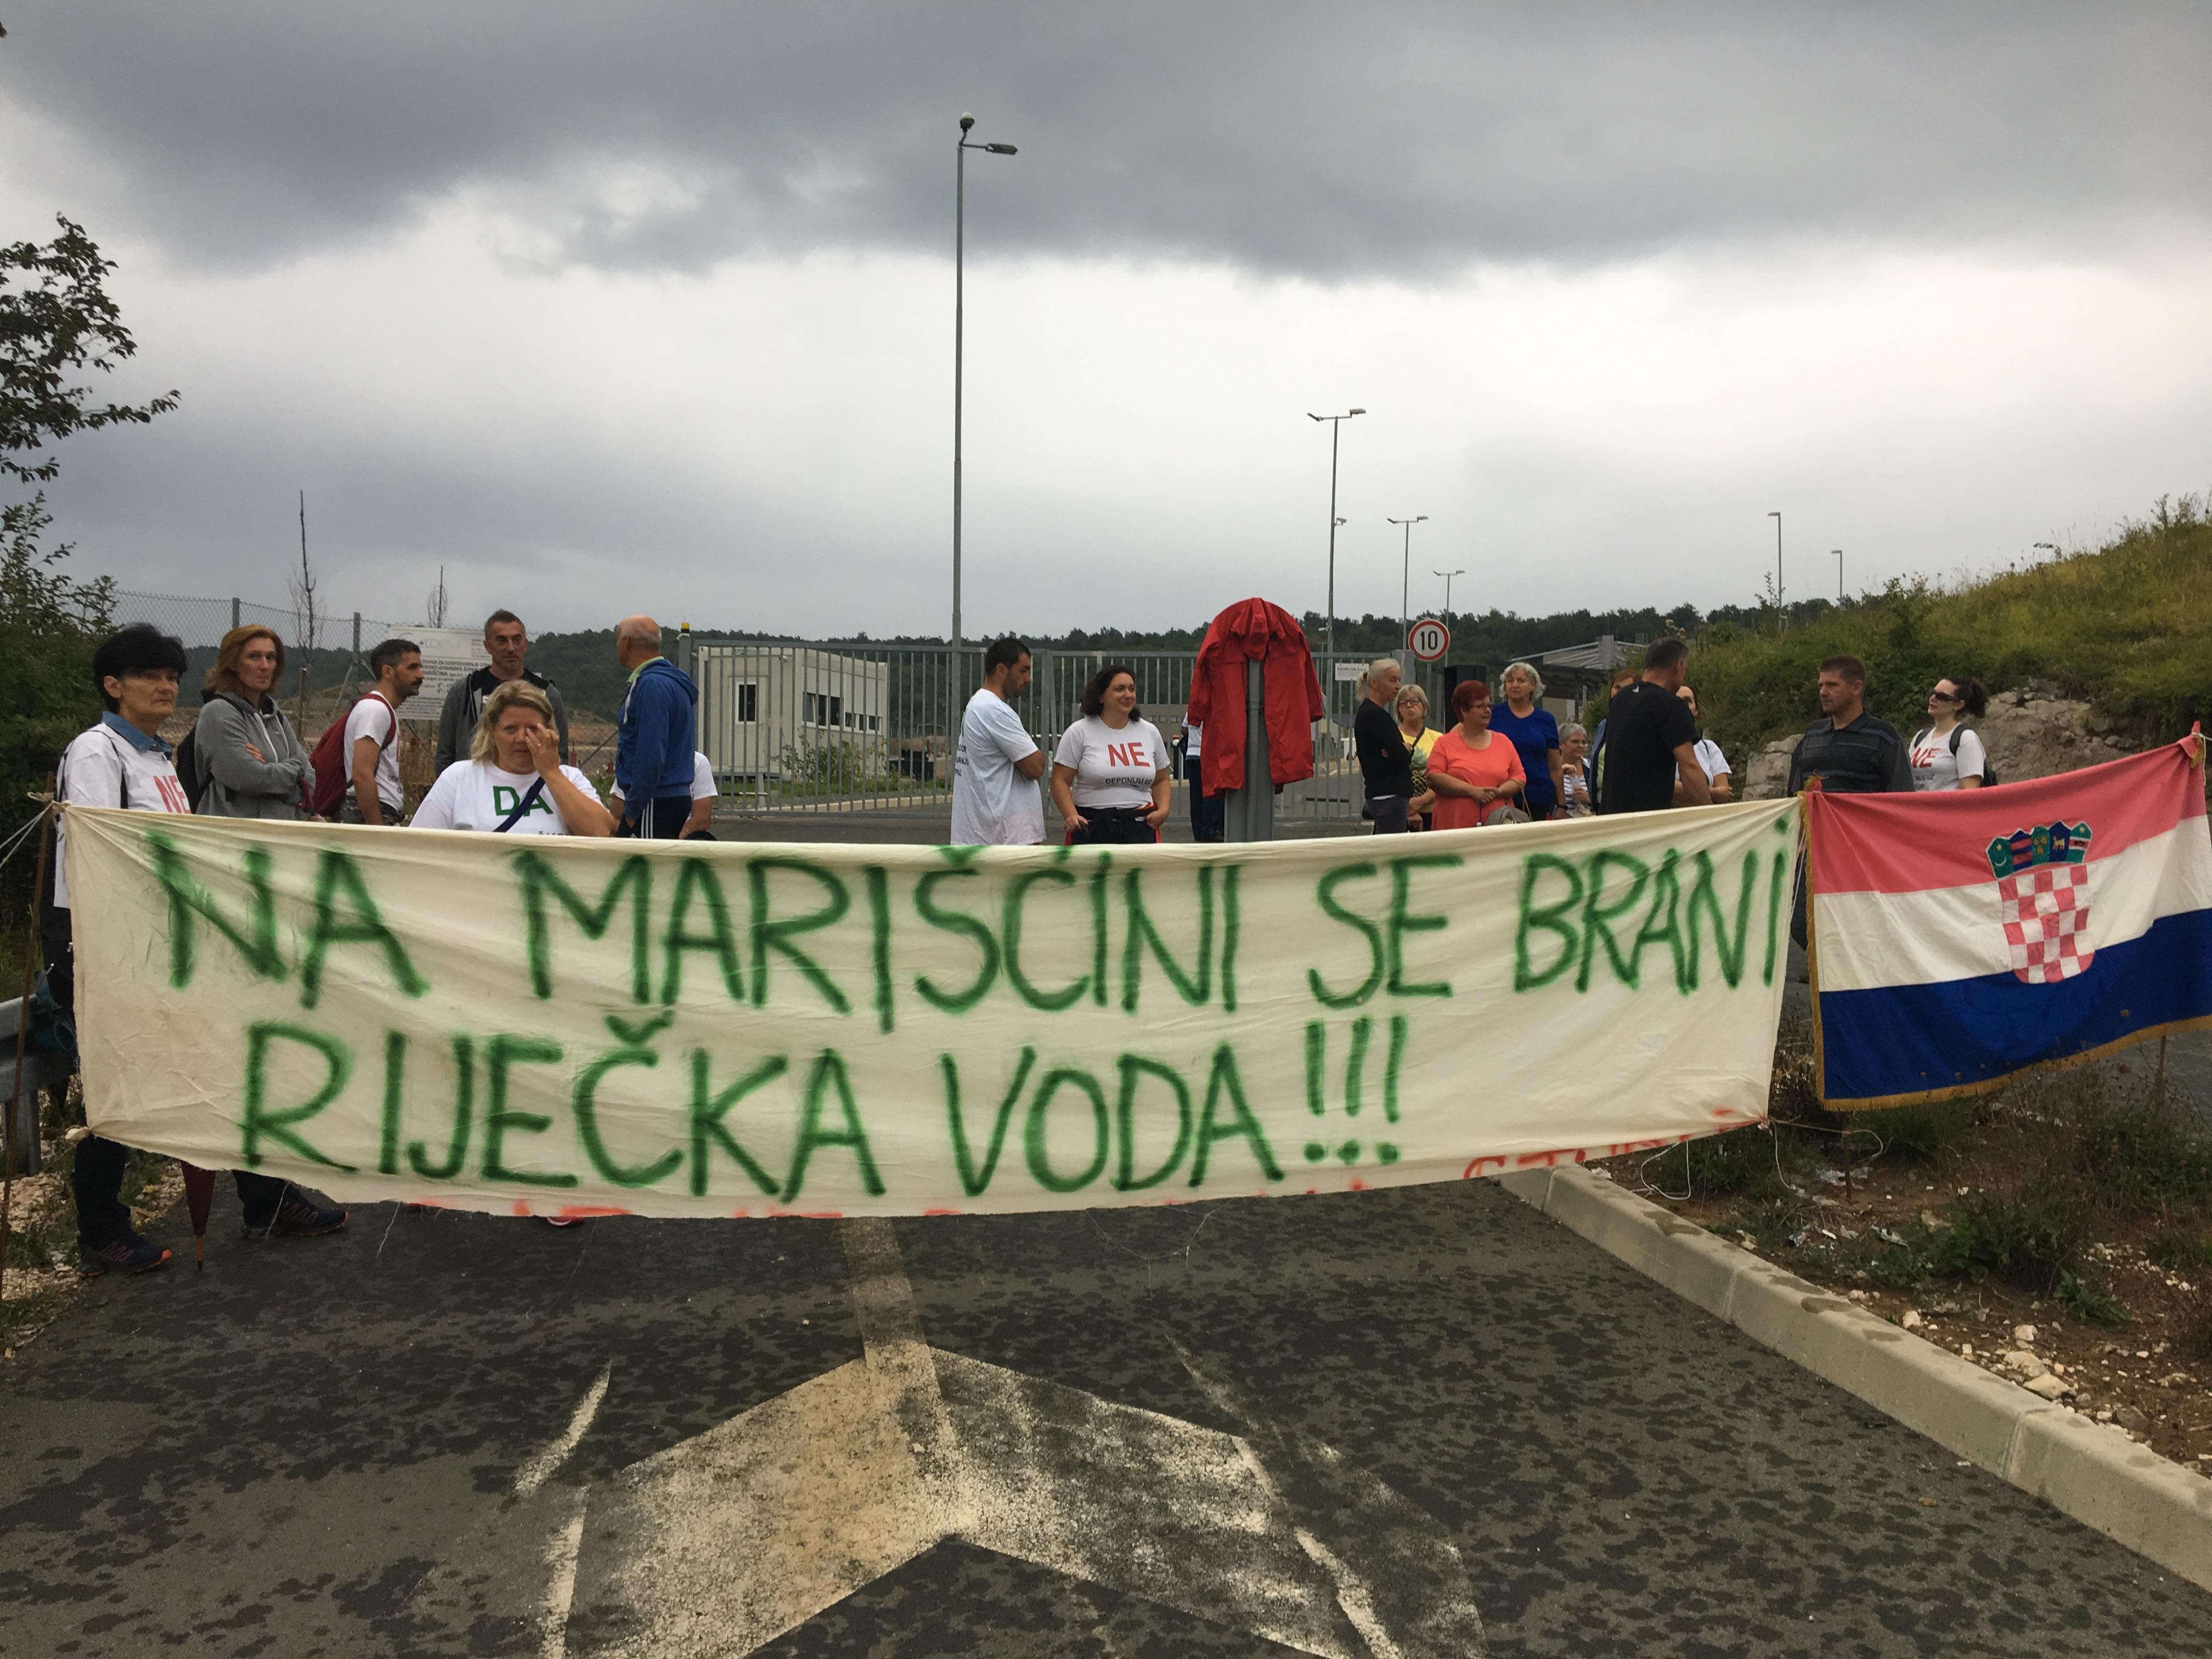 Građani i članovi udruge Krizni eko stožer Marinščina prosvjedovali ispred Centra za gospodarenje otpadom